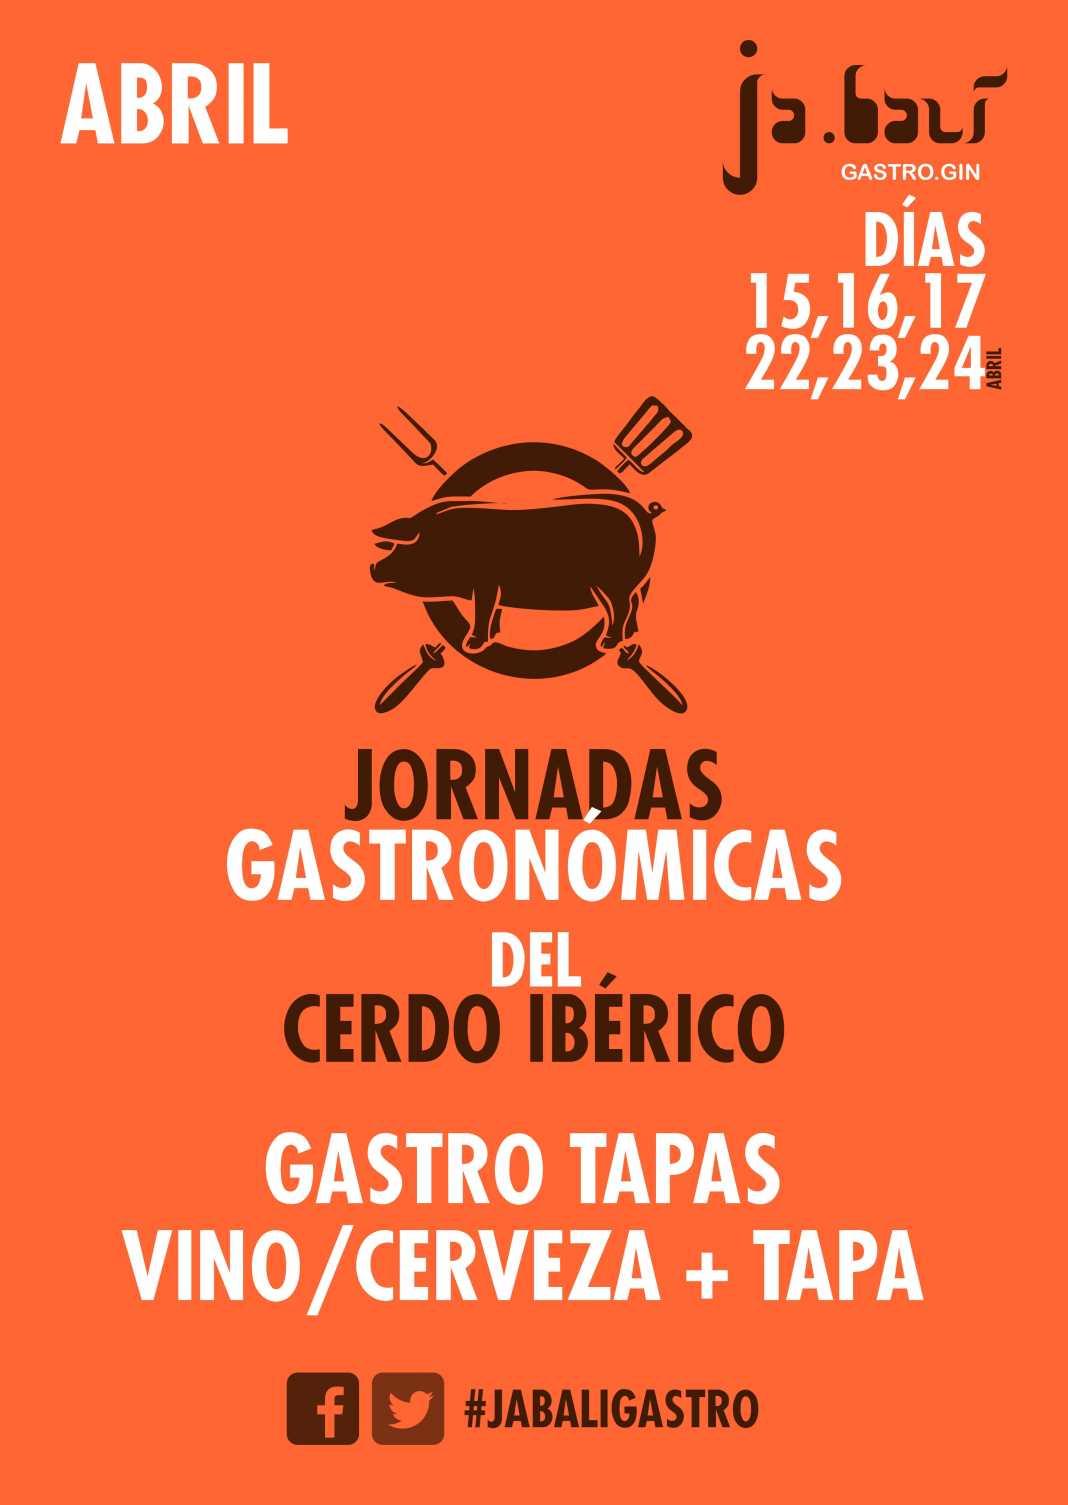 Jornadas gastronómicas sobre el cerdo ibérico en Ja.bali Gastro 1